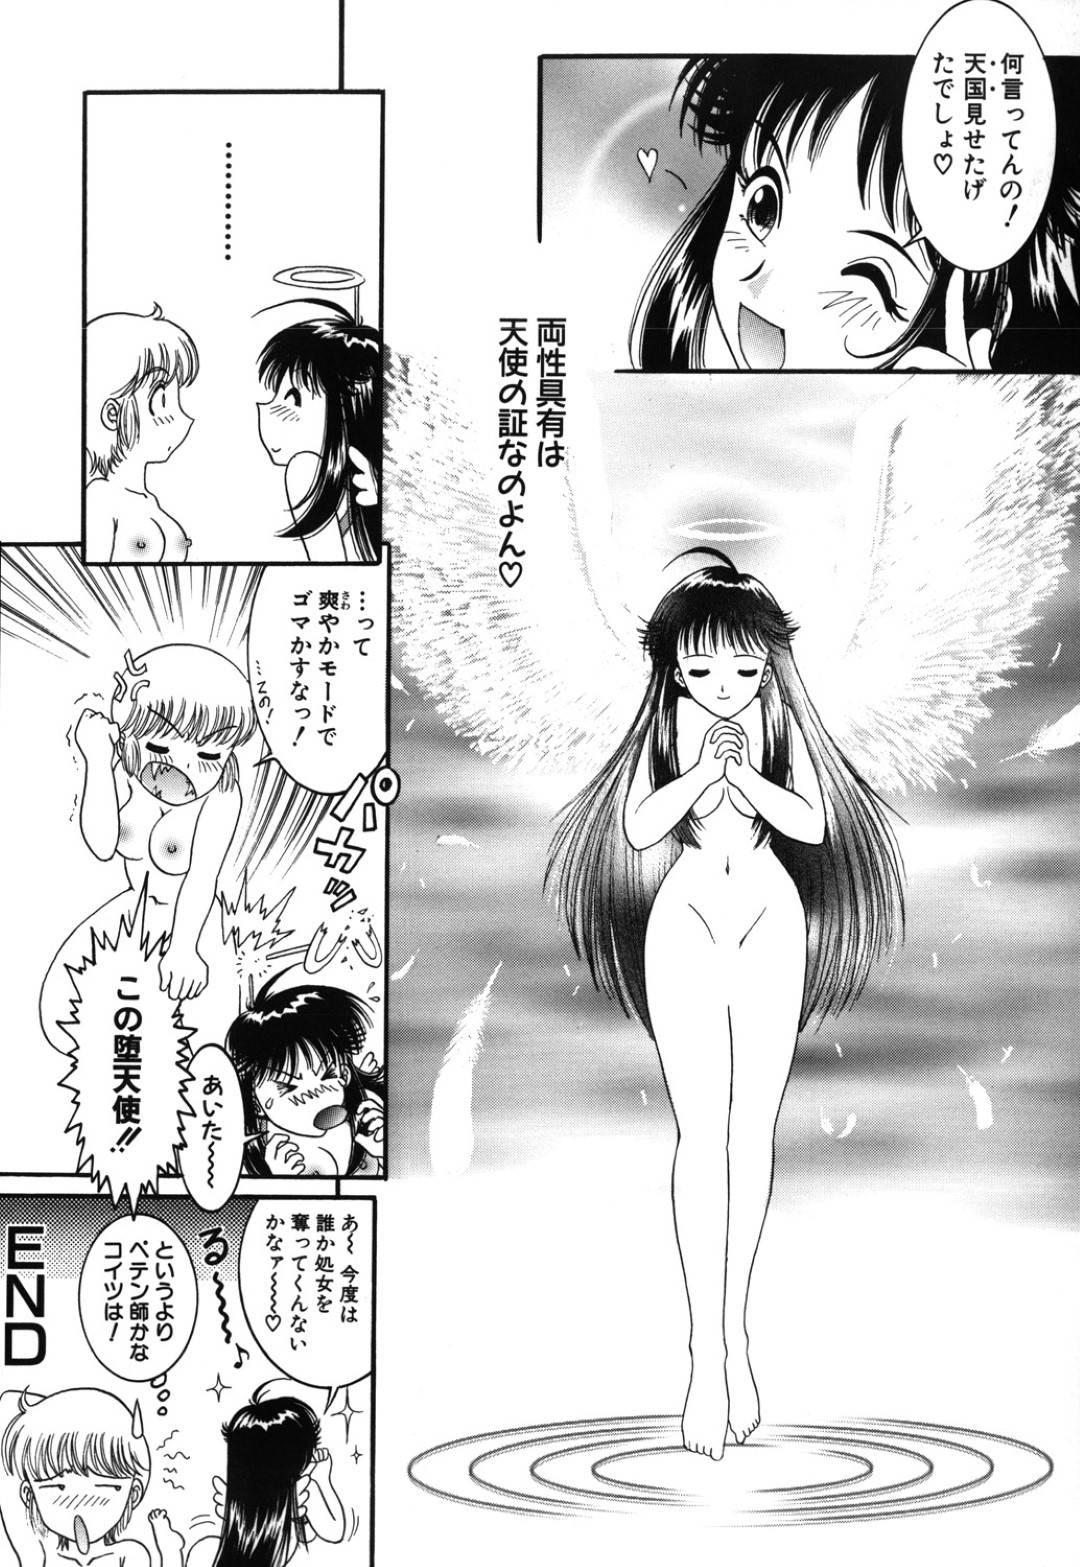 【エロ漫画】生チンポが見たい友達を人気のない場所へと連れていく美少女JC…そして友達の手を股間に触らせふたなりチンポを見せつける!お互いの性器を鑑賞し合いながら初めてのセックス!